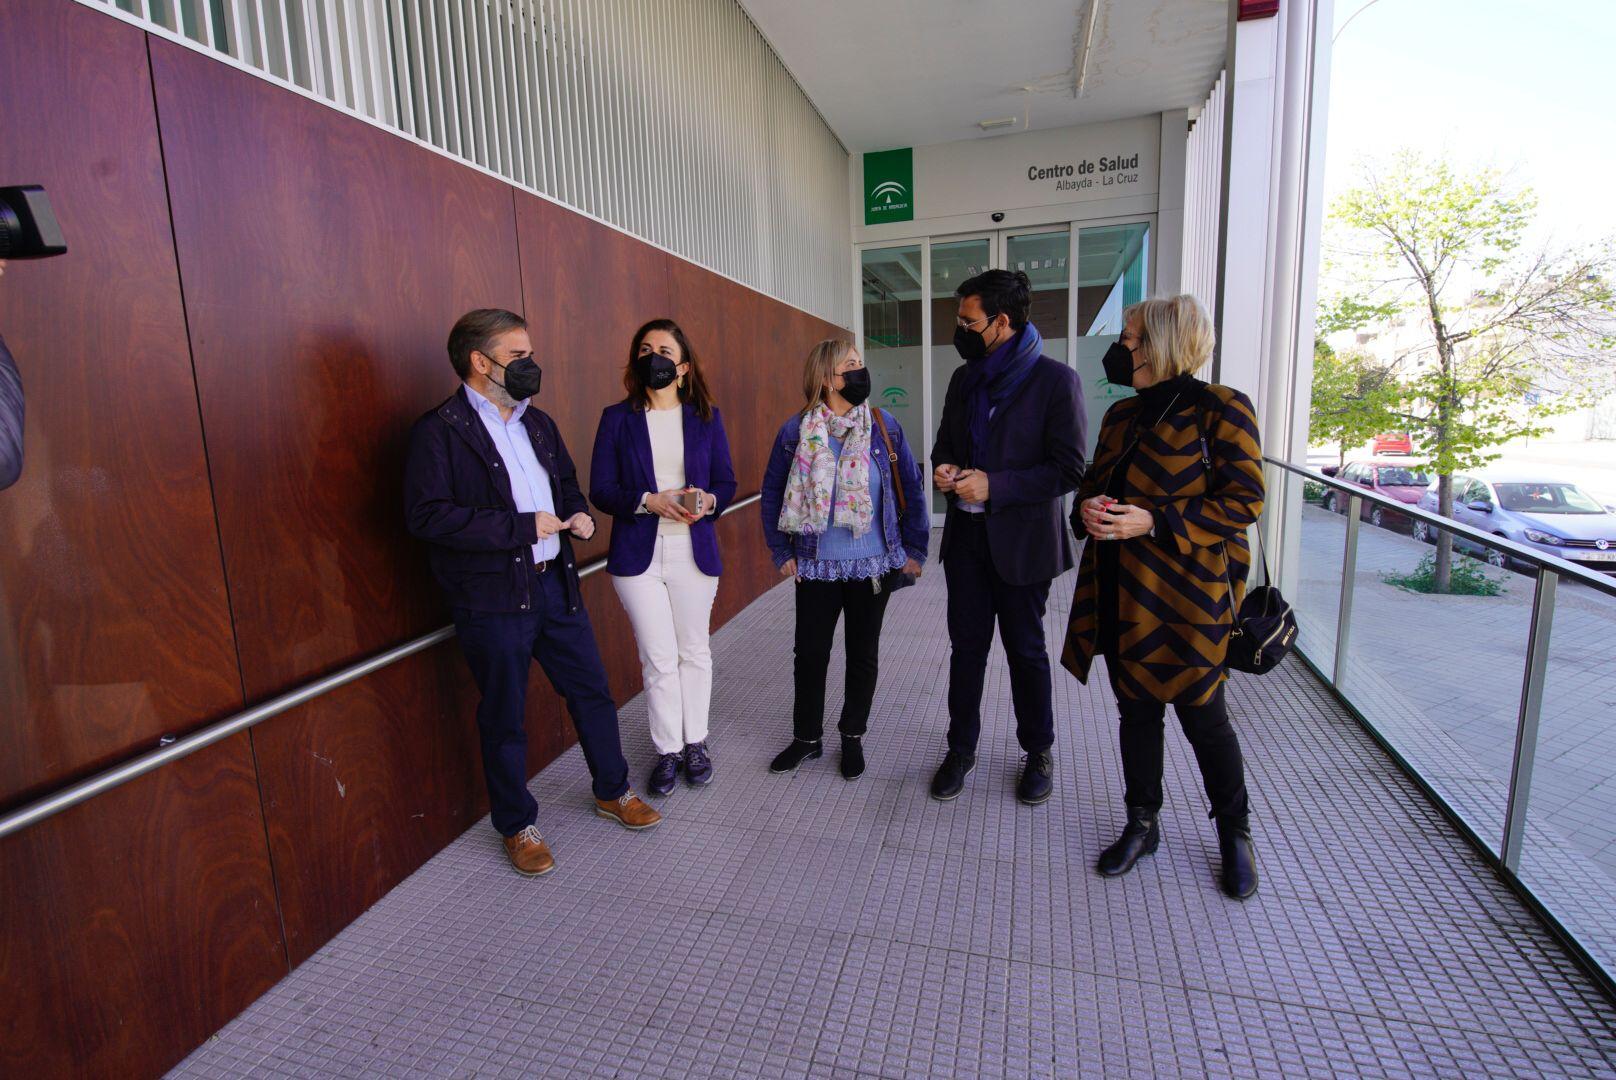 El PSOE pide a la Junta que los mayores puedan vacunarse en los centros de Salud de los barrios